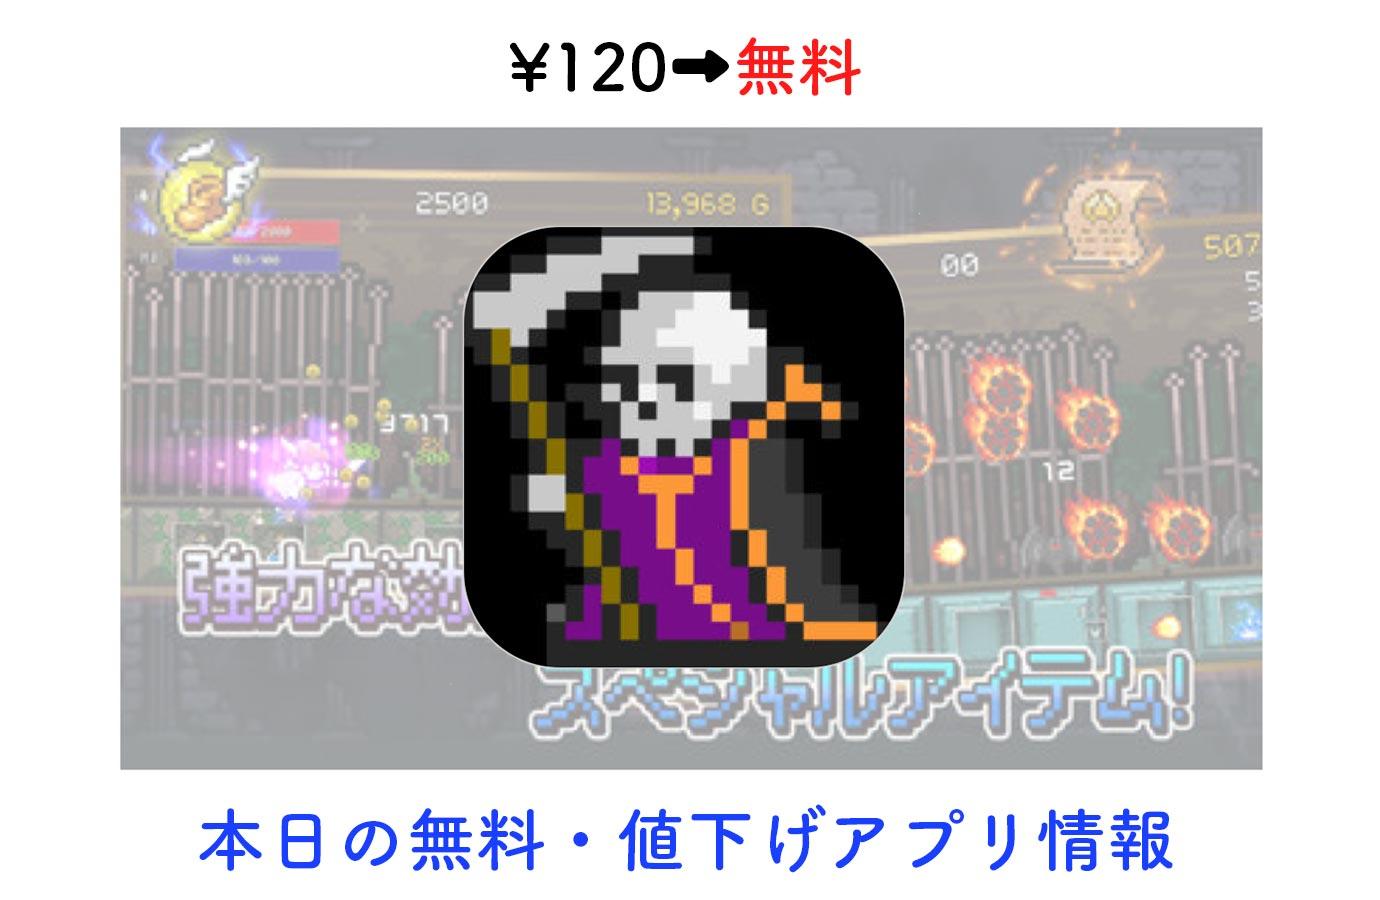 ¥120→無料、レトロな横スクロールRPG「勇者には休みがない!アドバンスド!」など【11/20】本日の無料・値下げアプリ情報